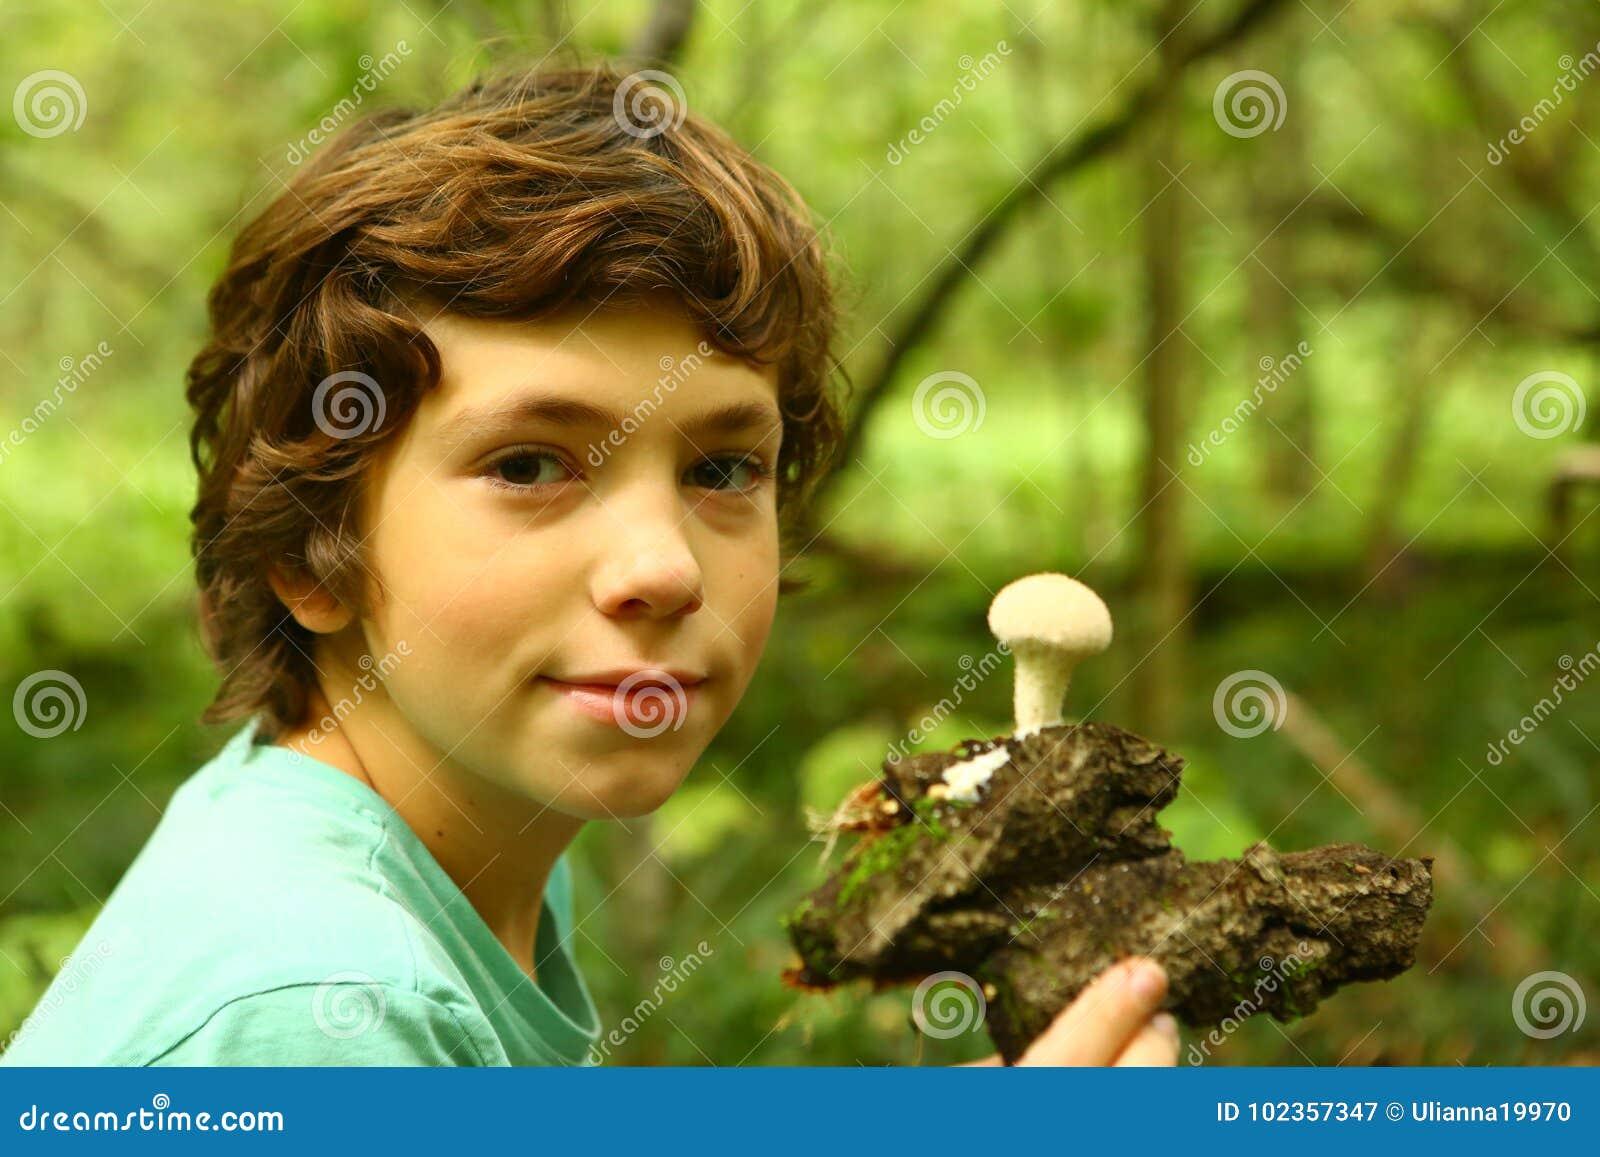 Den tonåriga pojken med regn plocka svamp i skogen